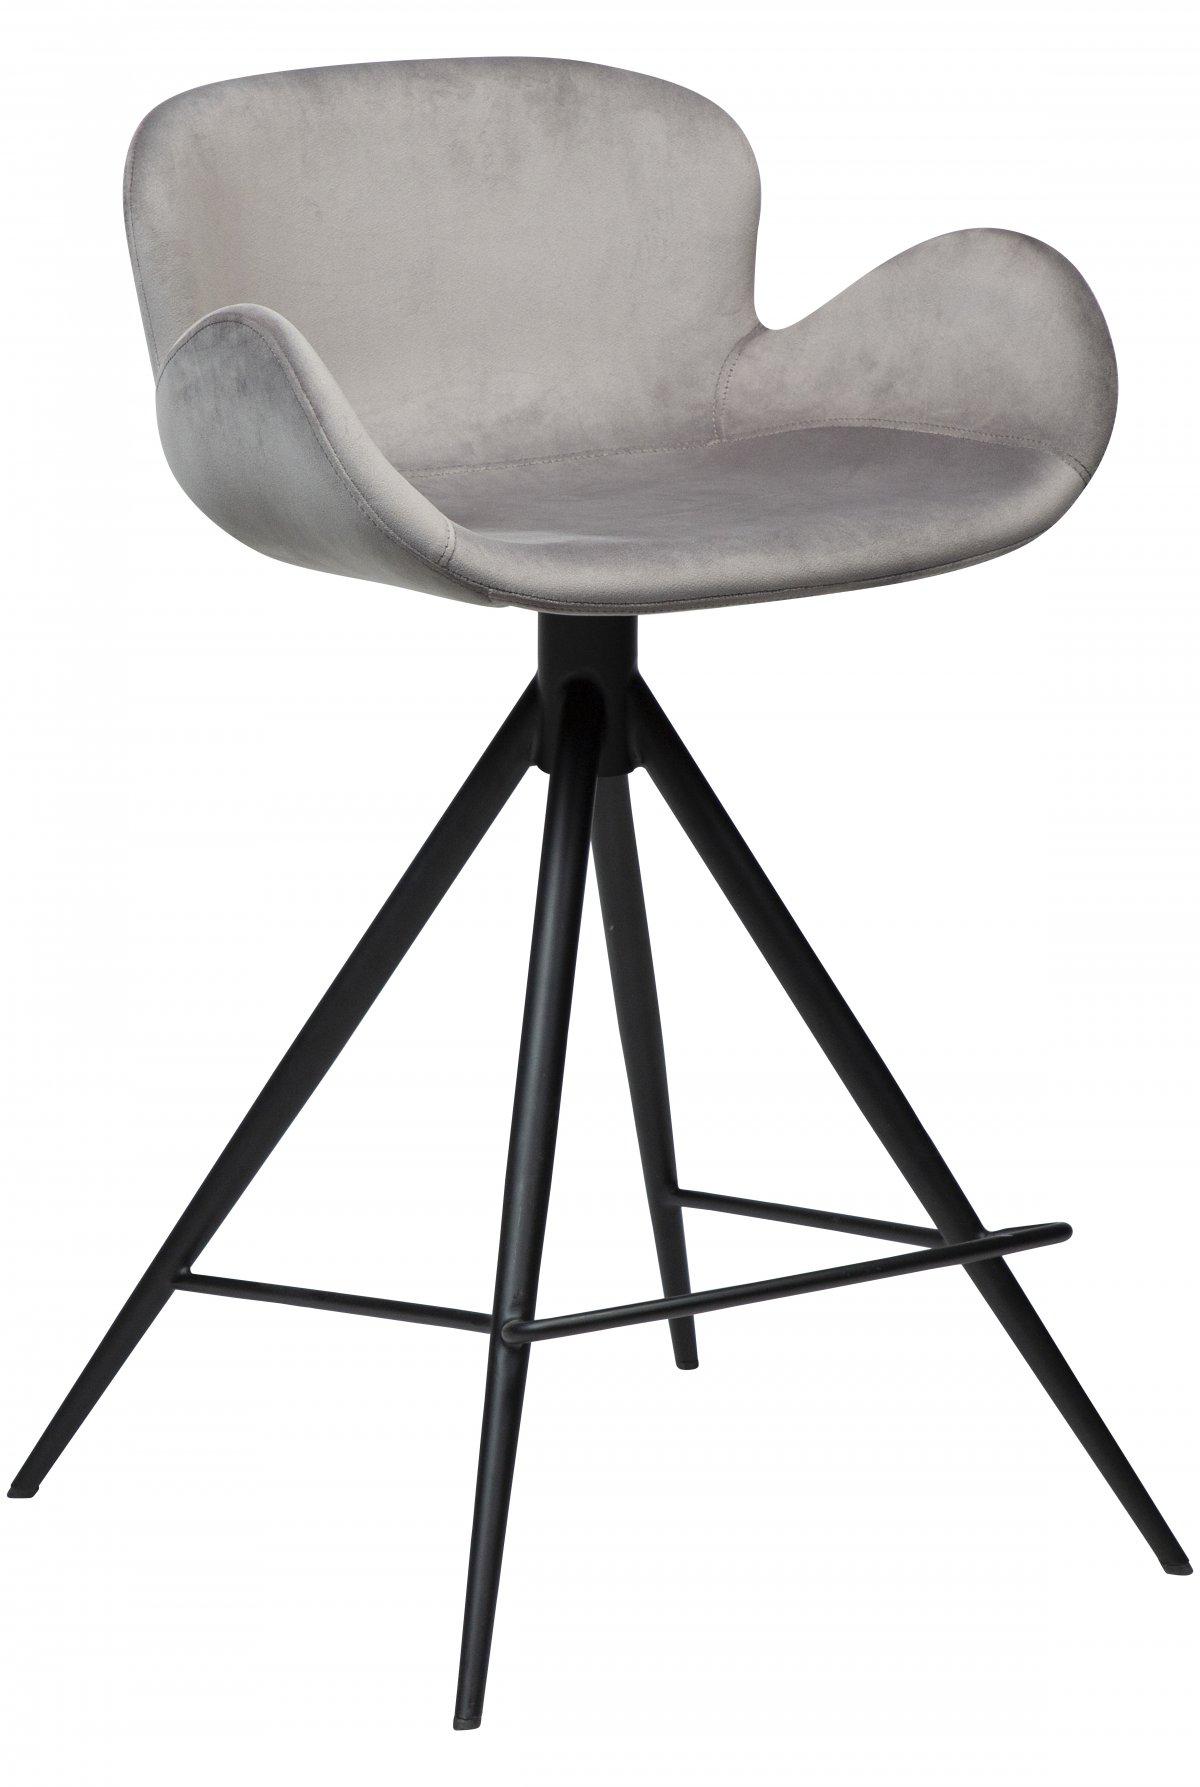 Danform Gaia barstol , counterstol velour med armlener grå